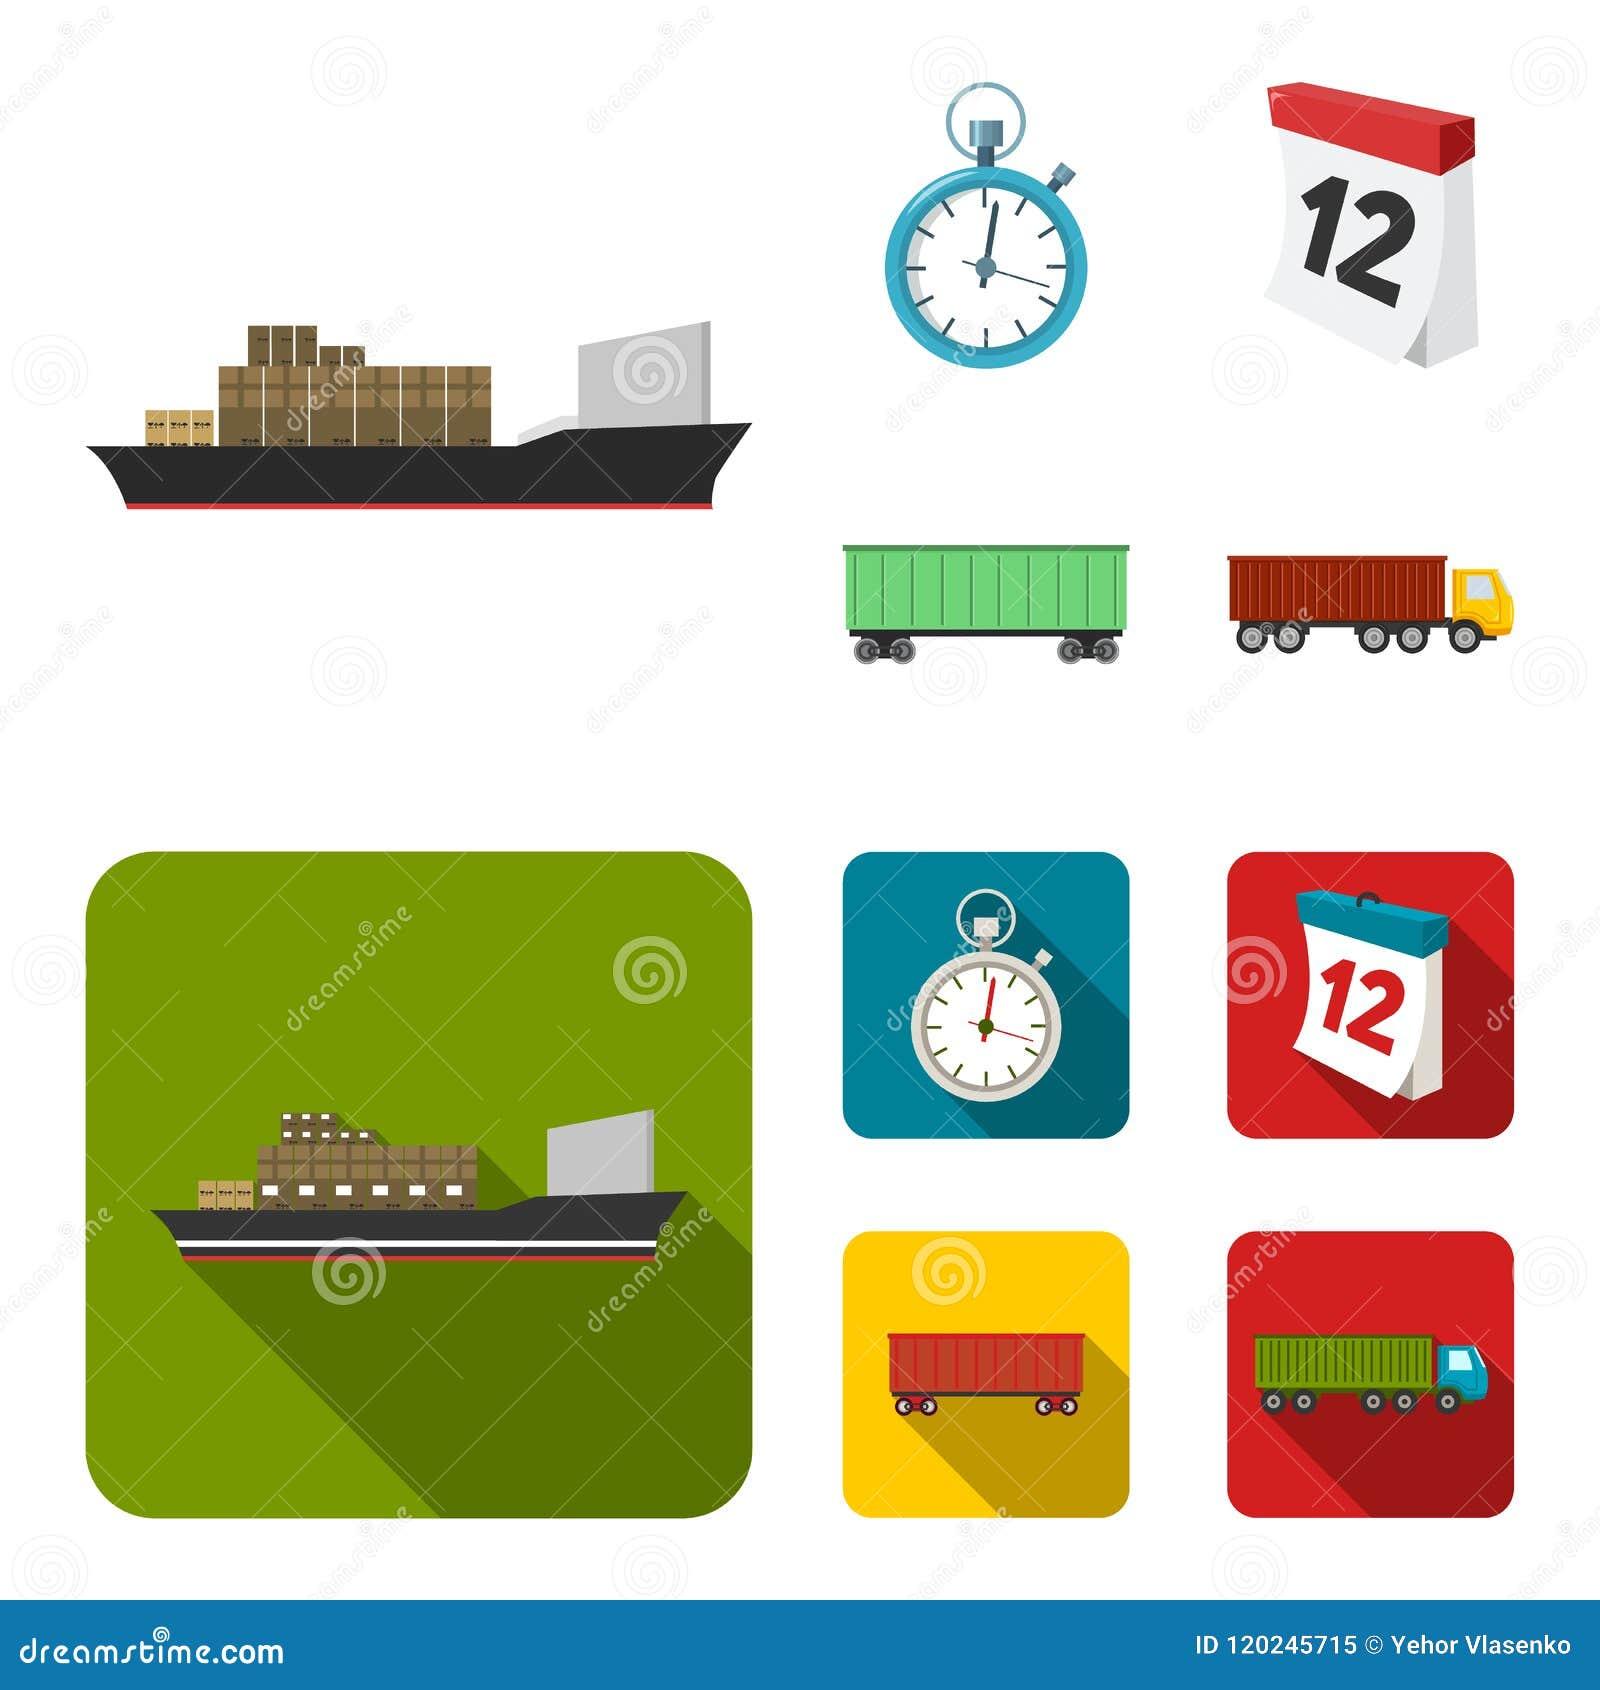 Φορτηγό πλοίο, χρονόμετρο με διακόπτη, ημερολόγιο, αυτοκίνητο σιδηροδρόμων Λογιστικά, καθορισμένα εικονίδια συλλογής στα κινούμεν